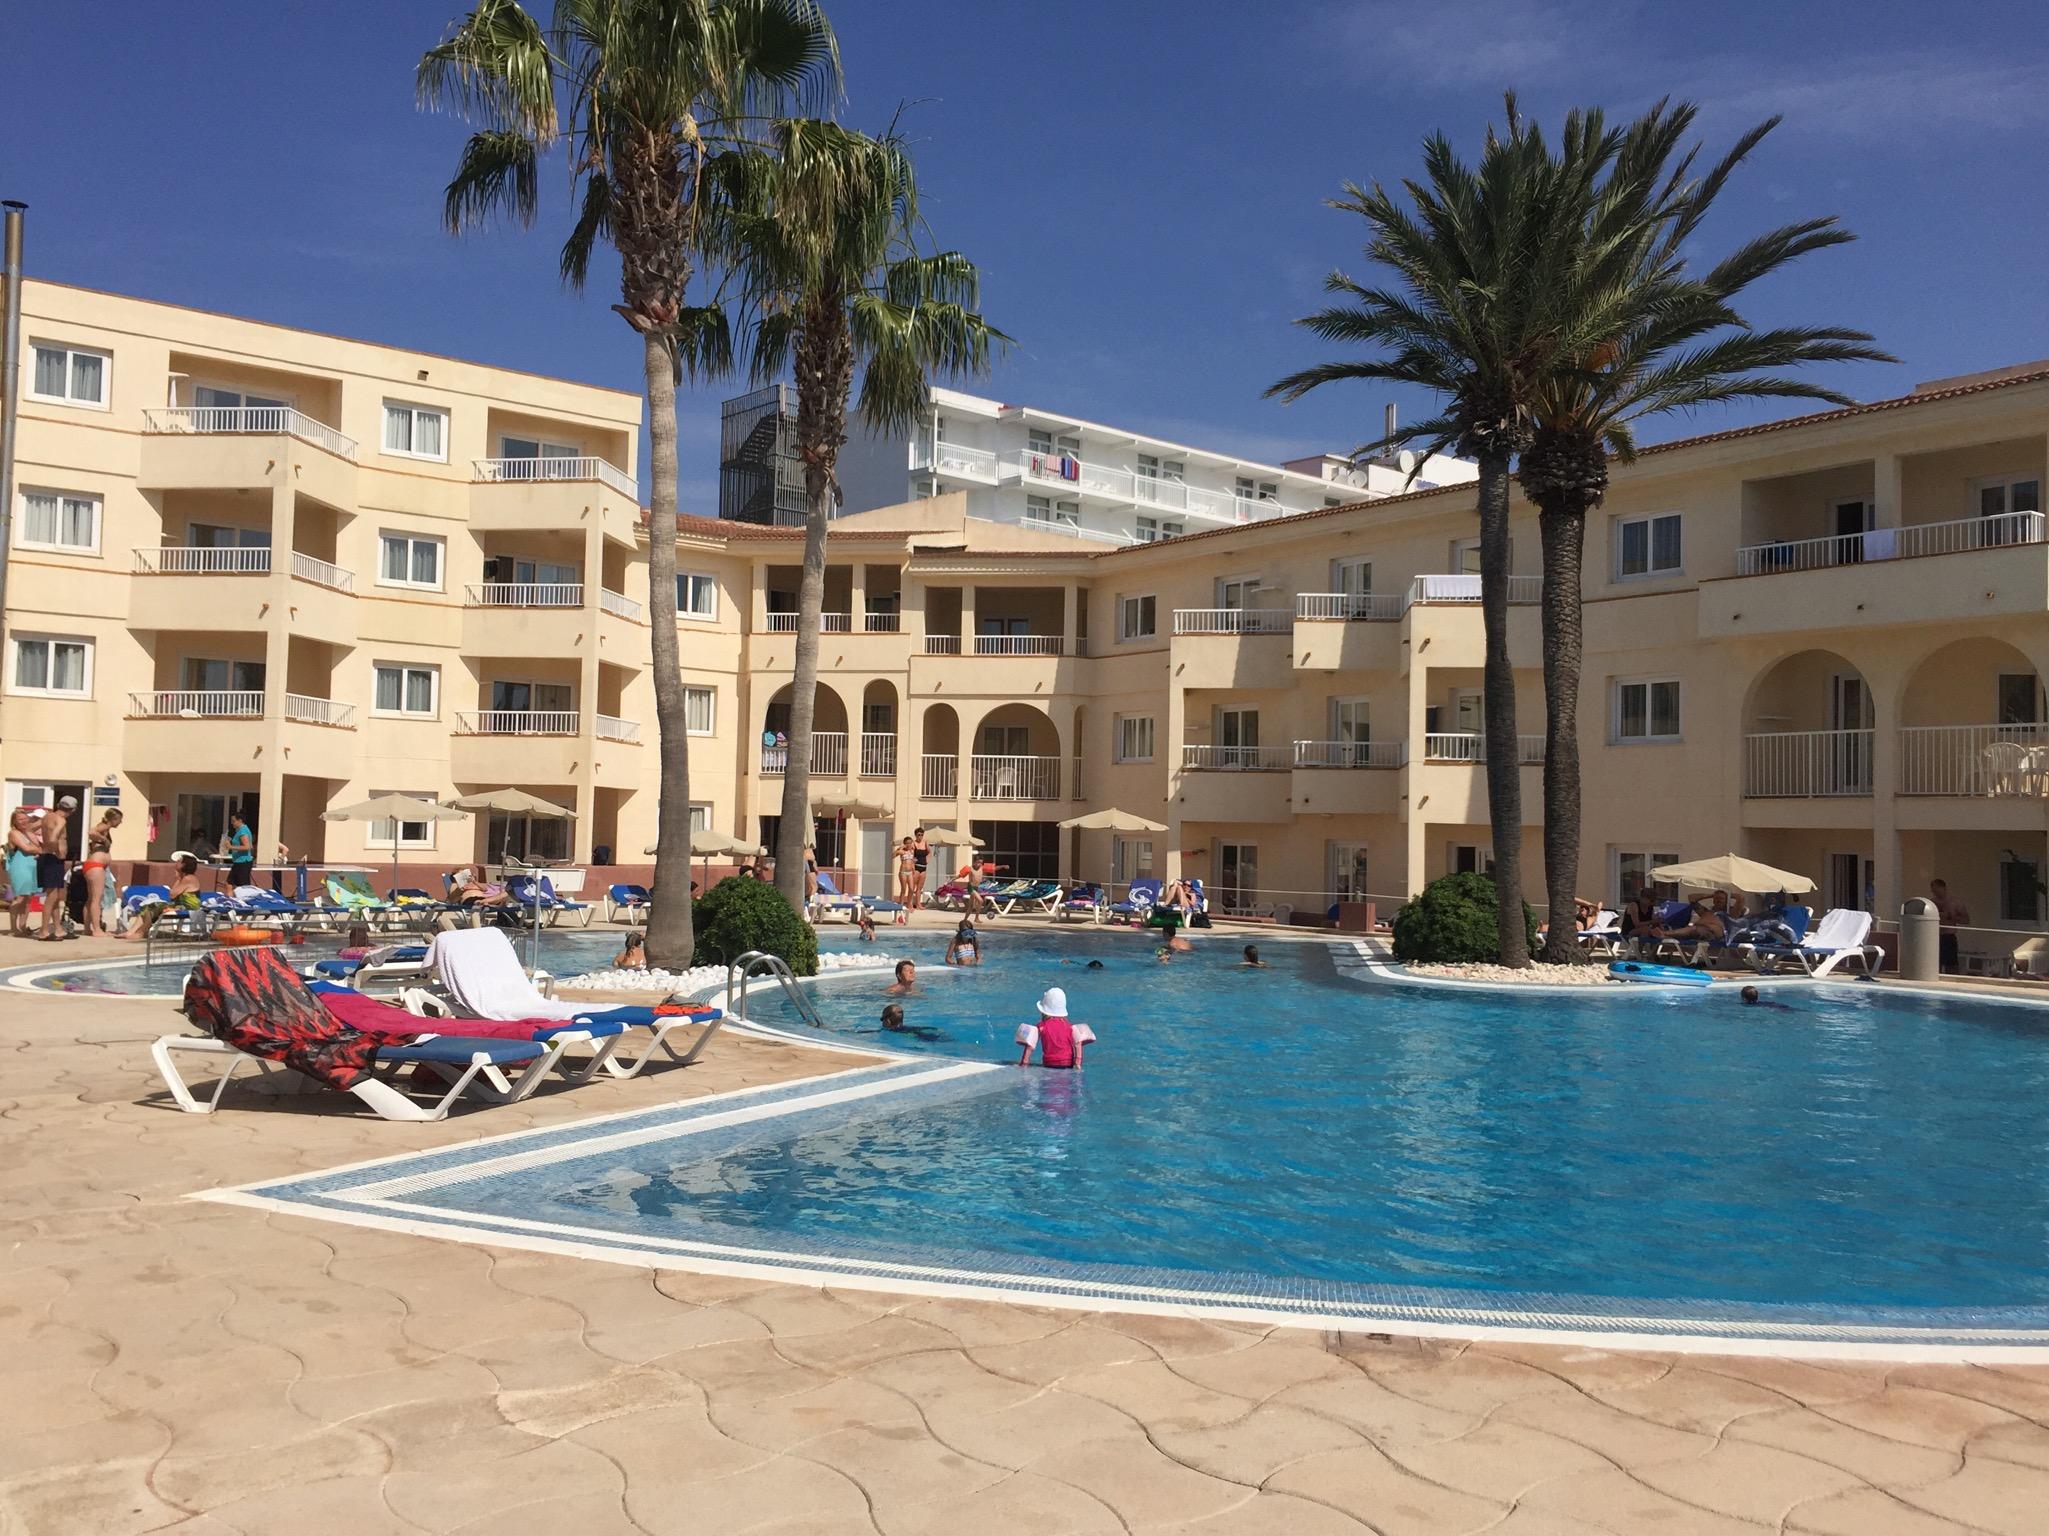 Hotel Tamariscos, Menorca